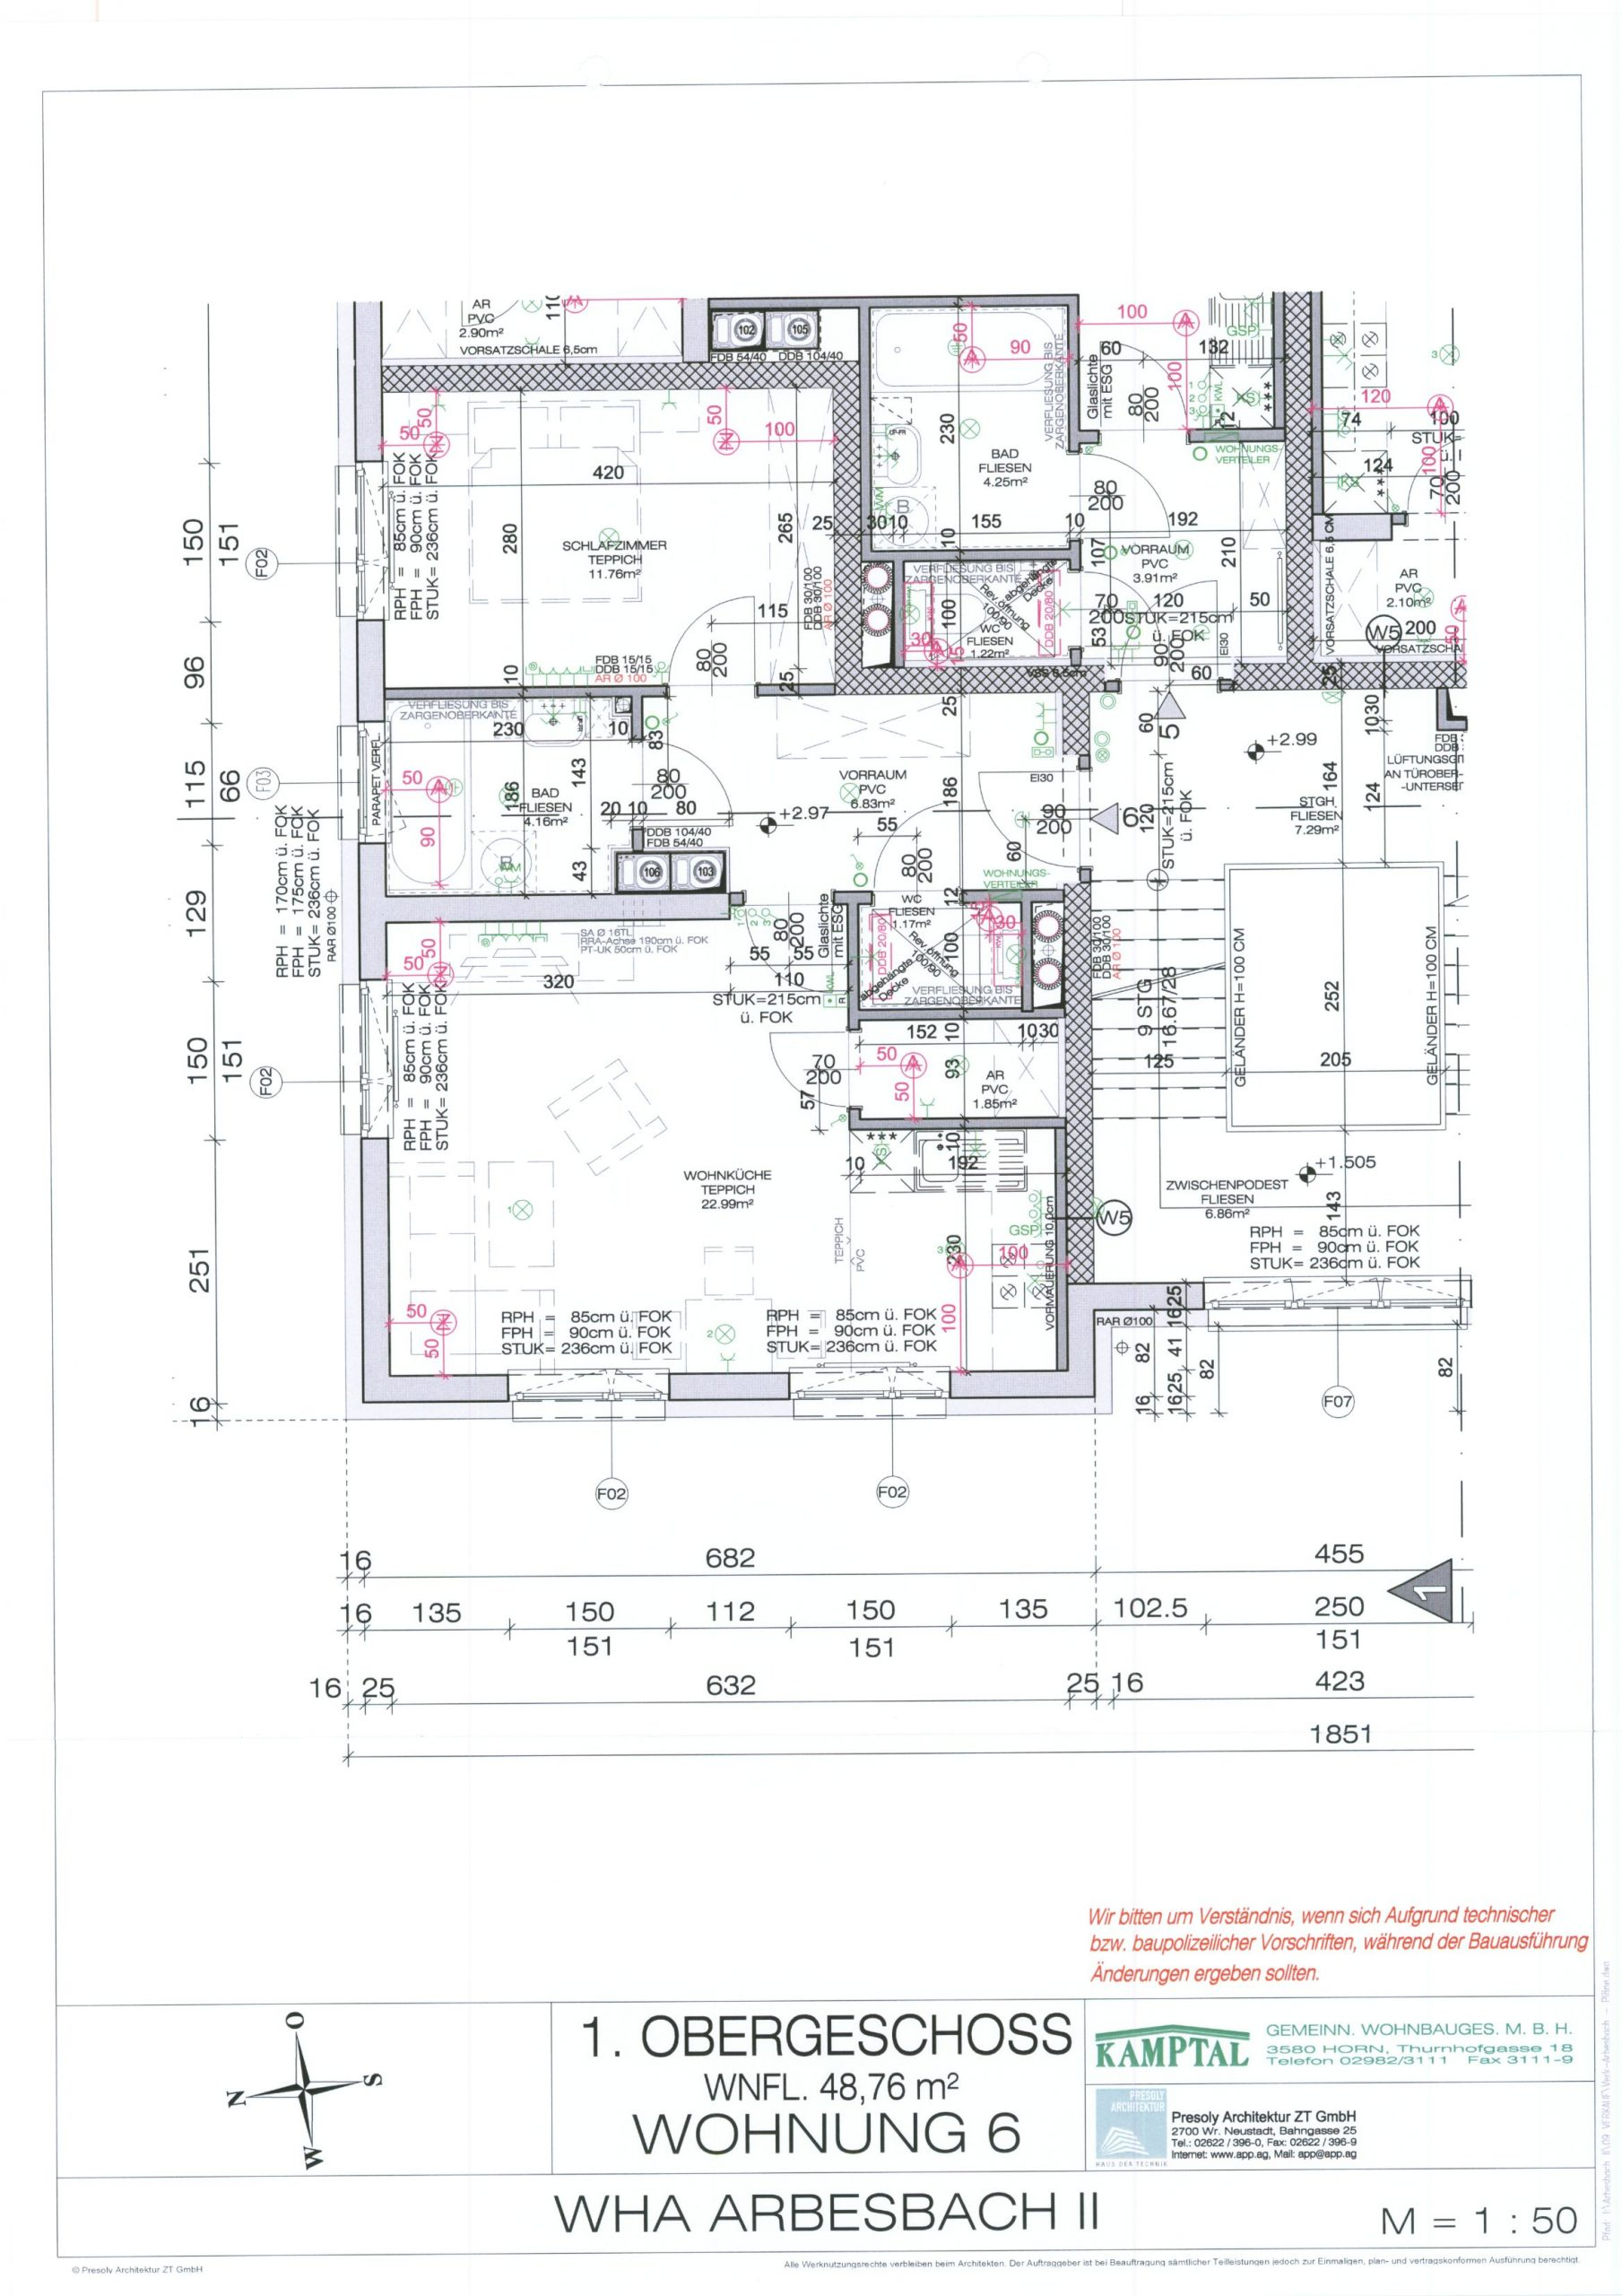 Immobilie von Kamptal in 3925 Arbesbach, Zwettl, Arbesbach II - Top 6 #8